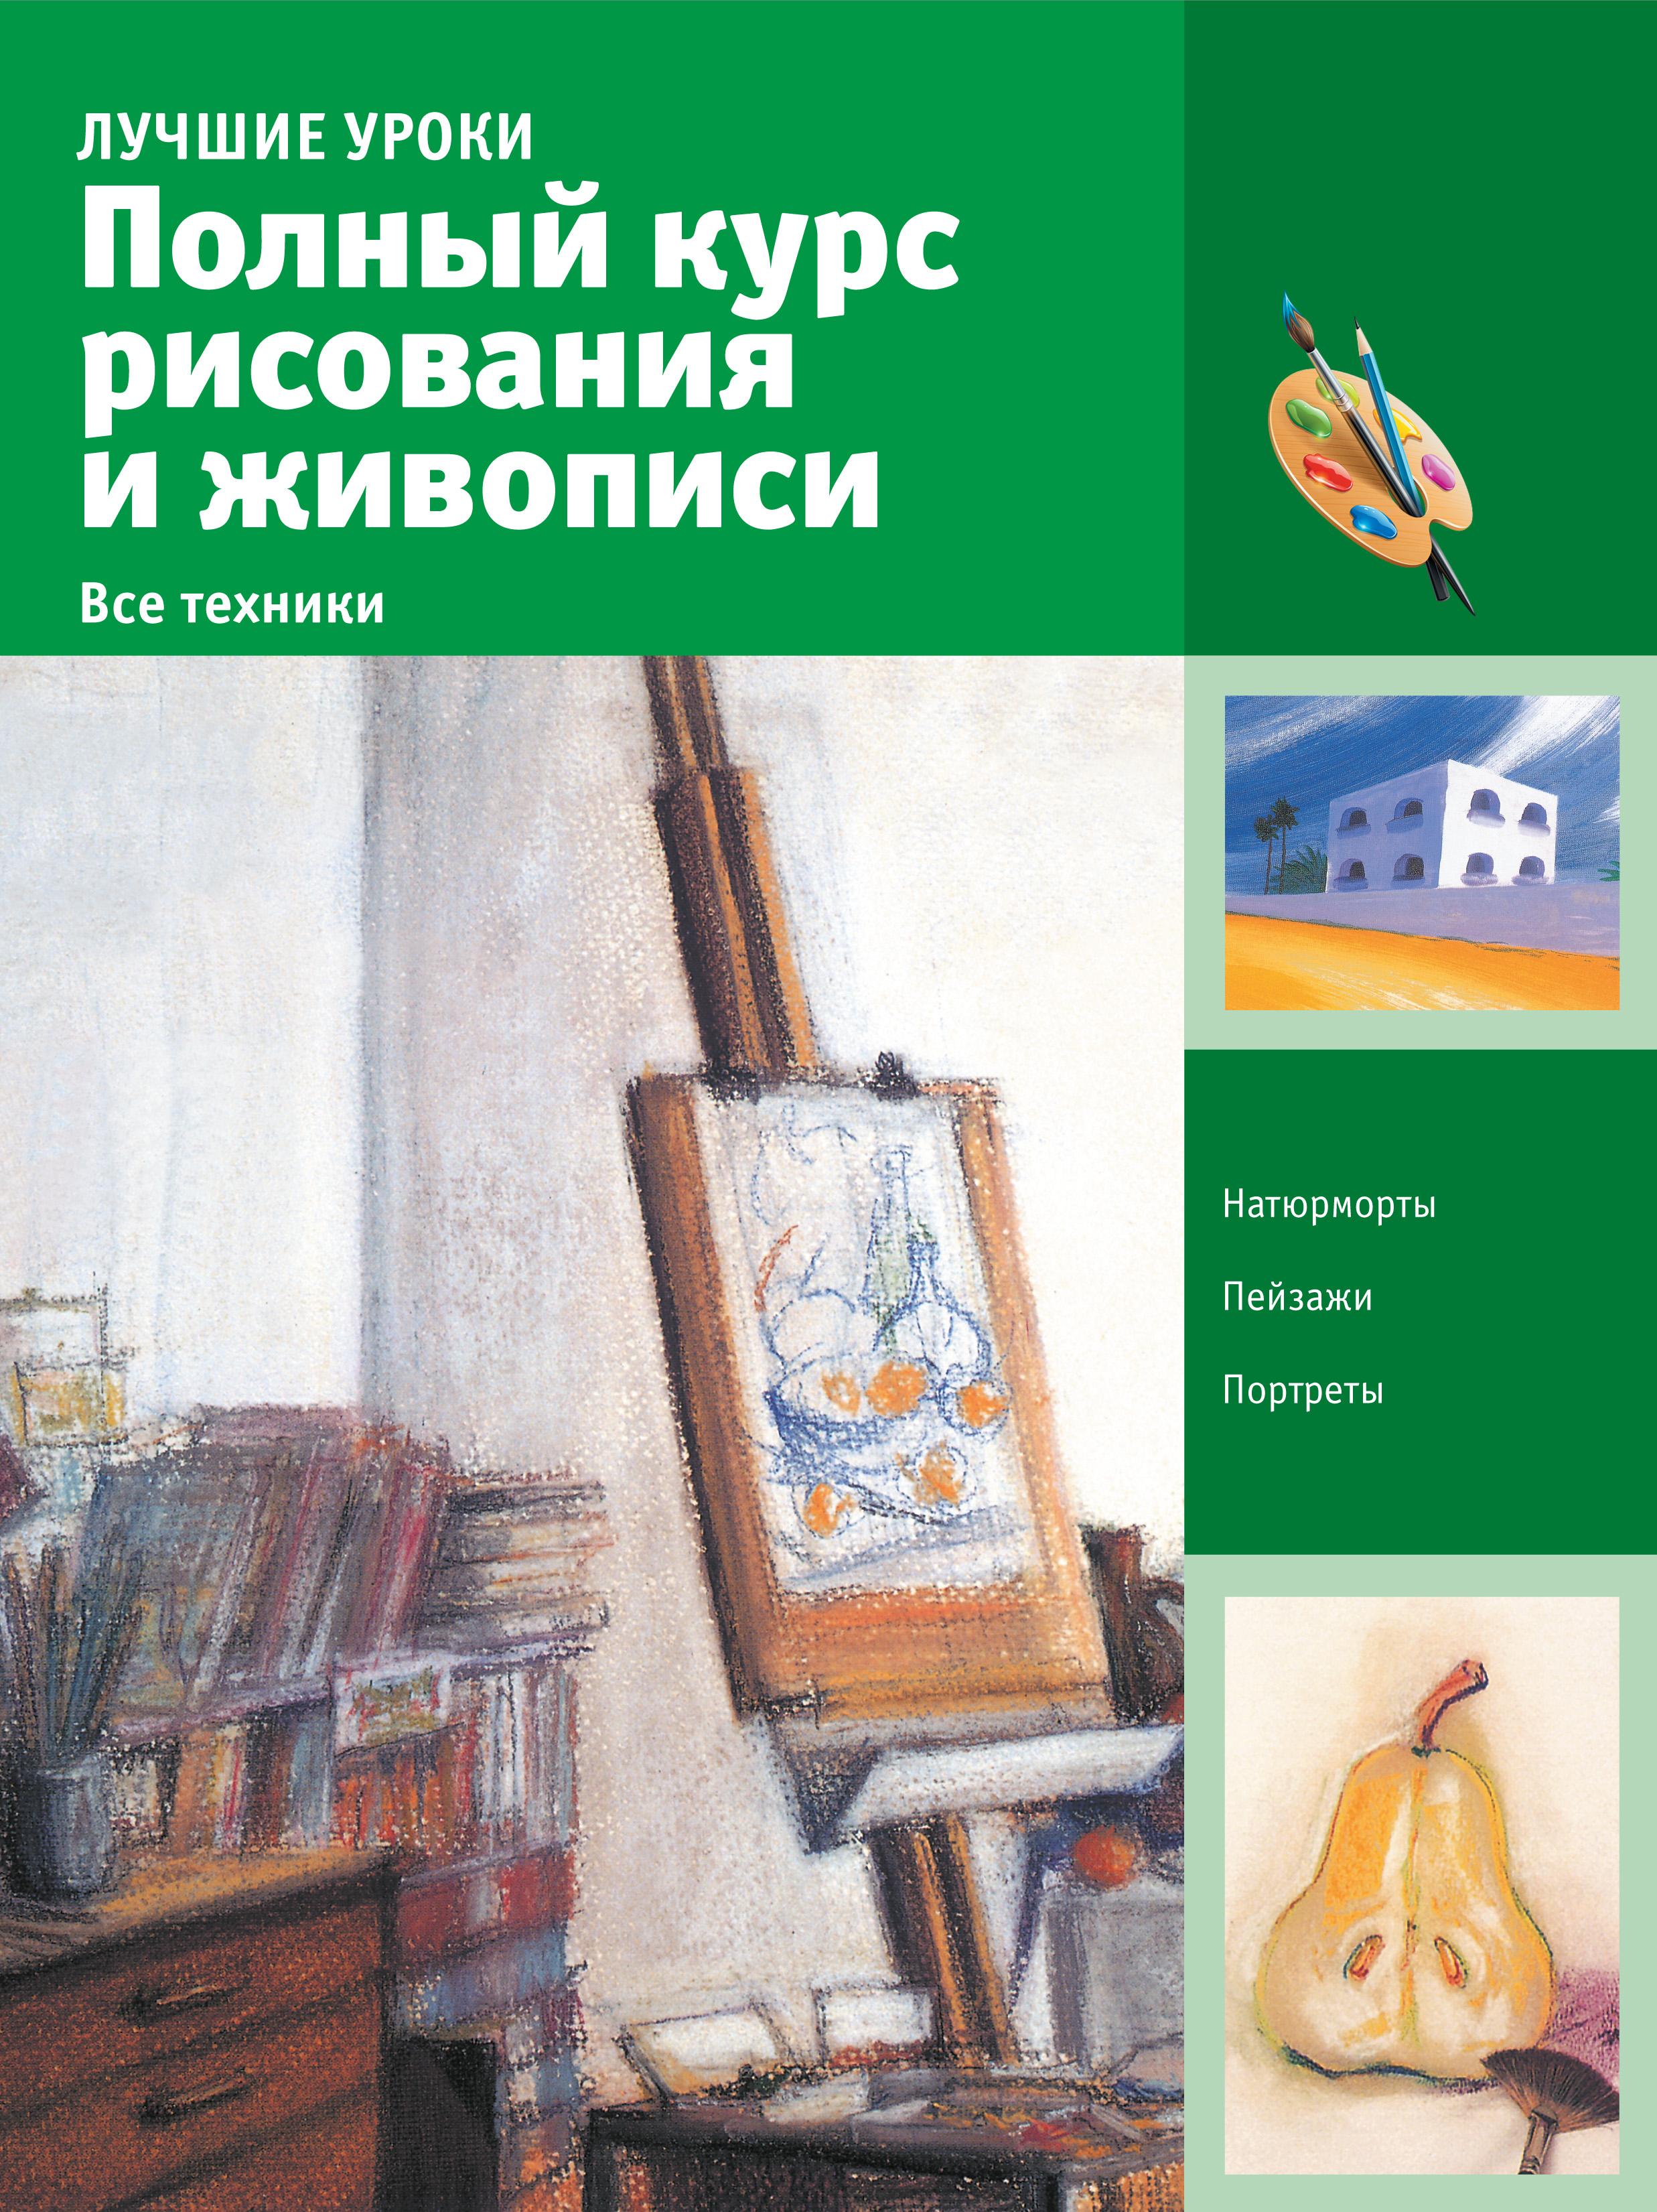 Купить Полный курс рисования и живописи. Все техники. Учебное пособие, А. Чудова, 978-5-17-096973-9